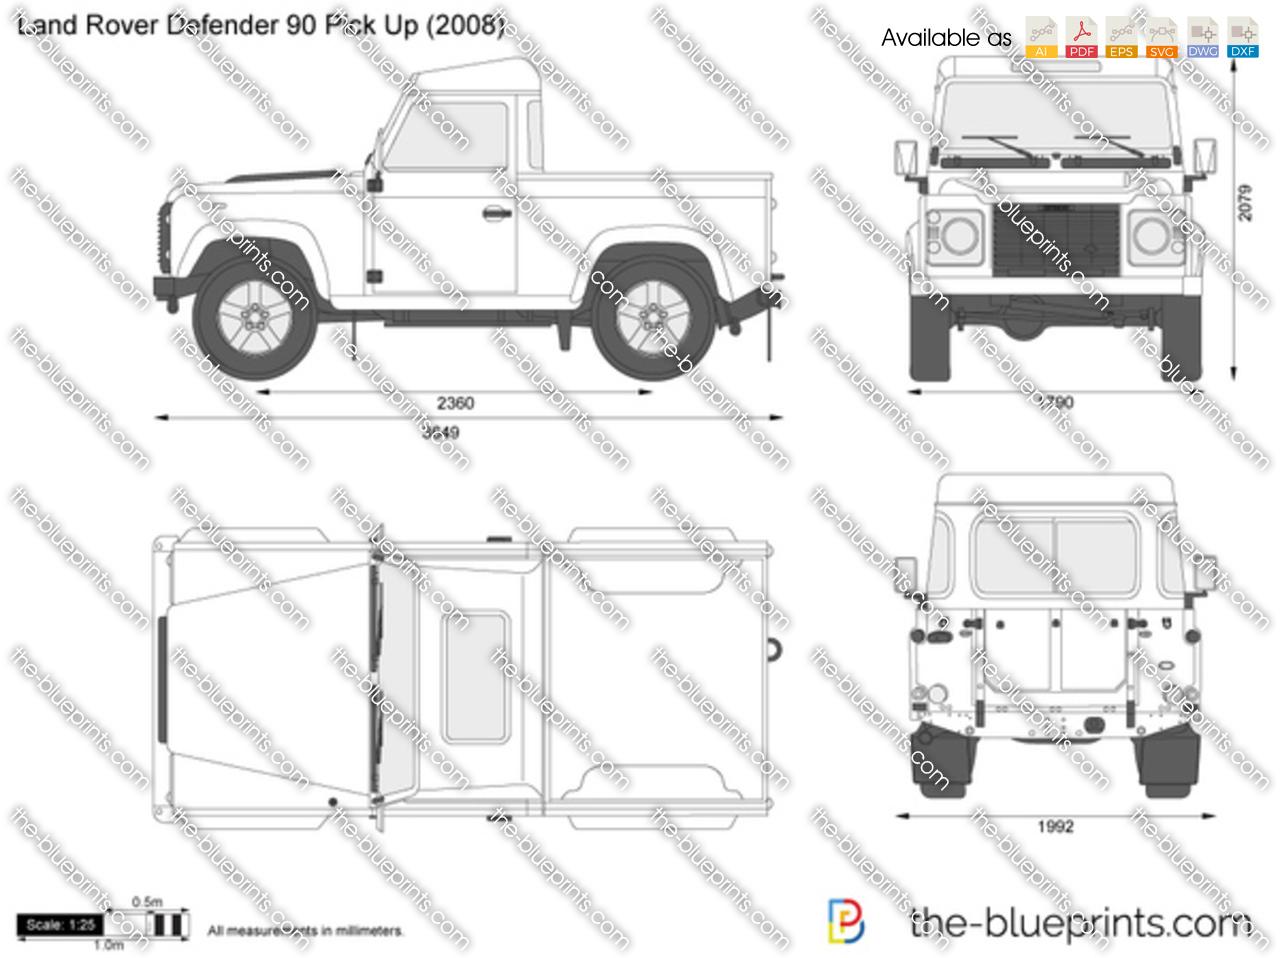 Land Rover Defender 90 Pick Up 1991